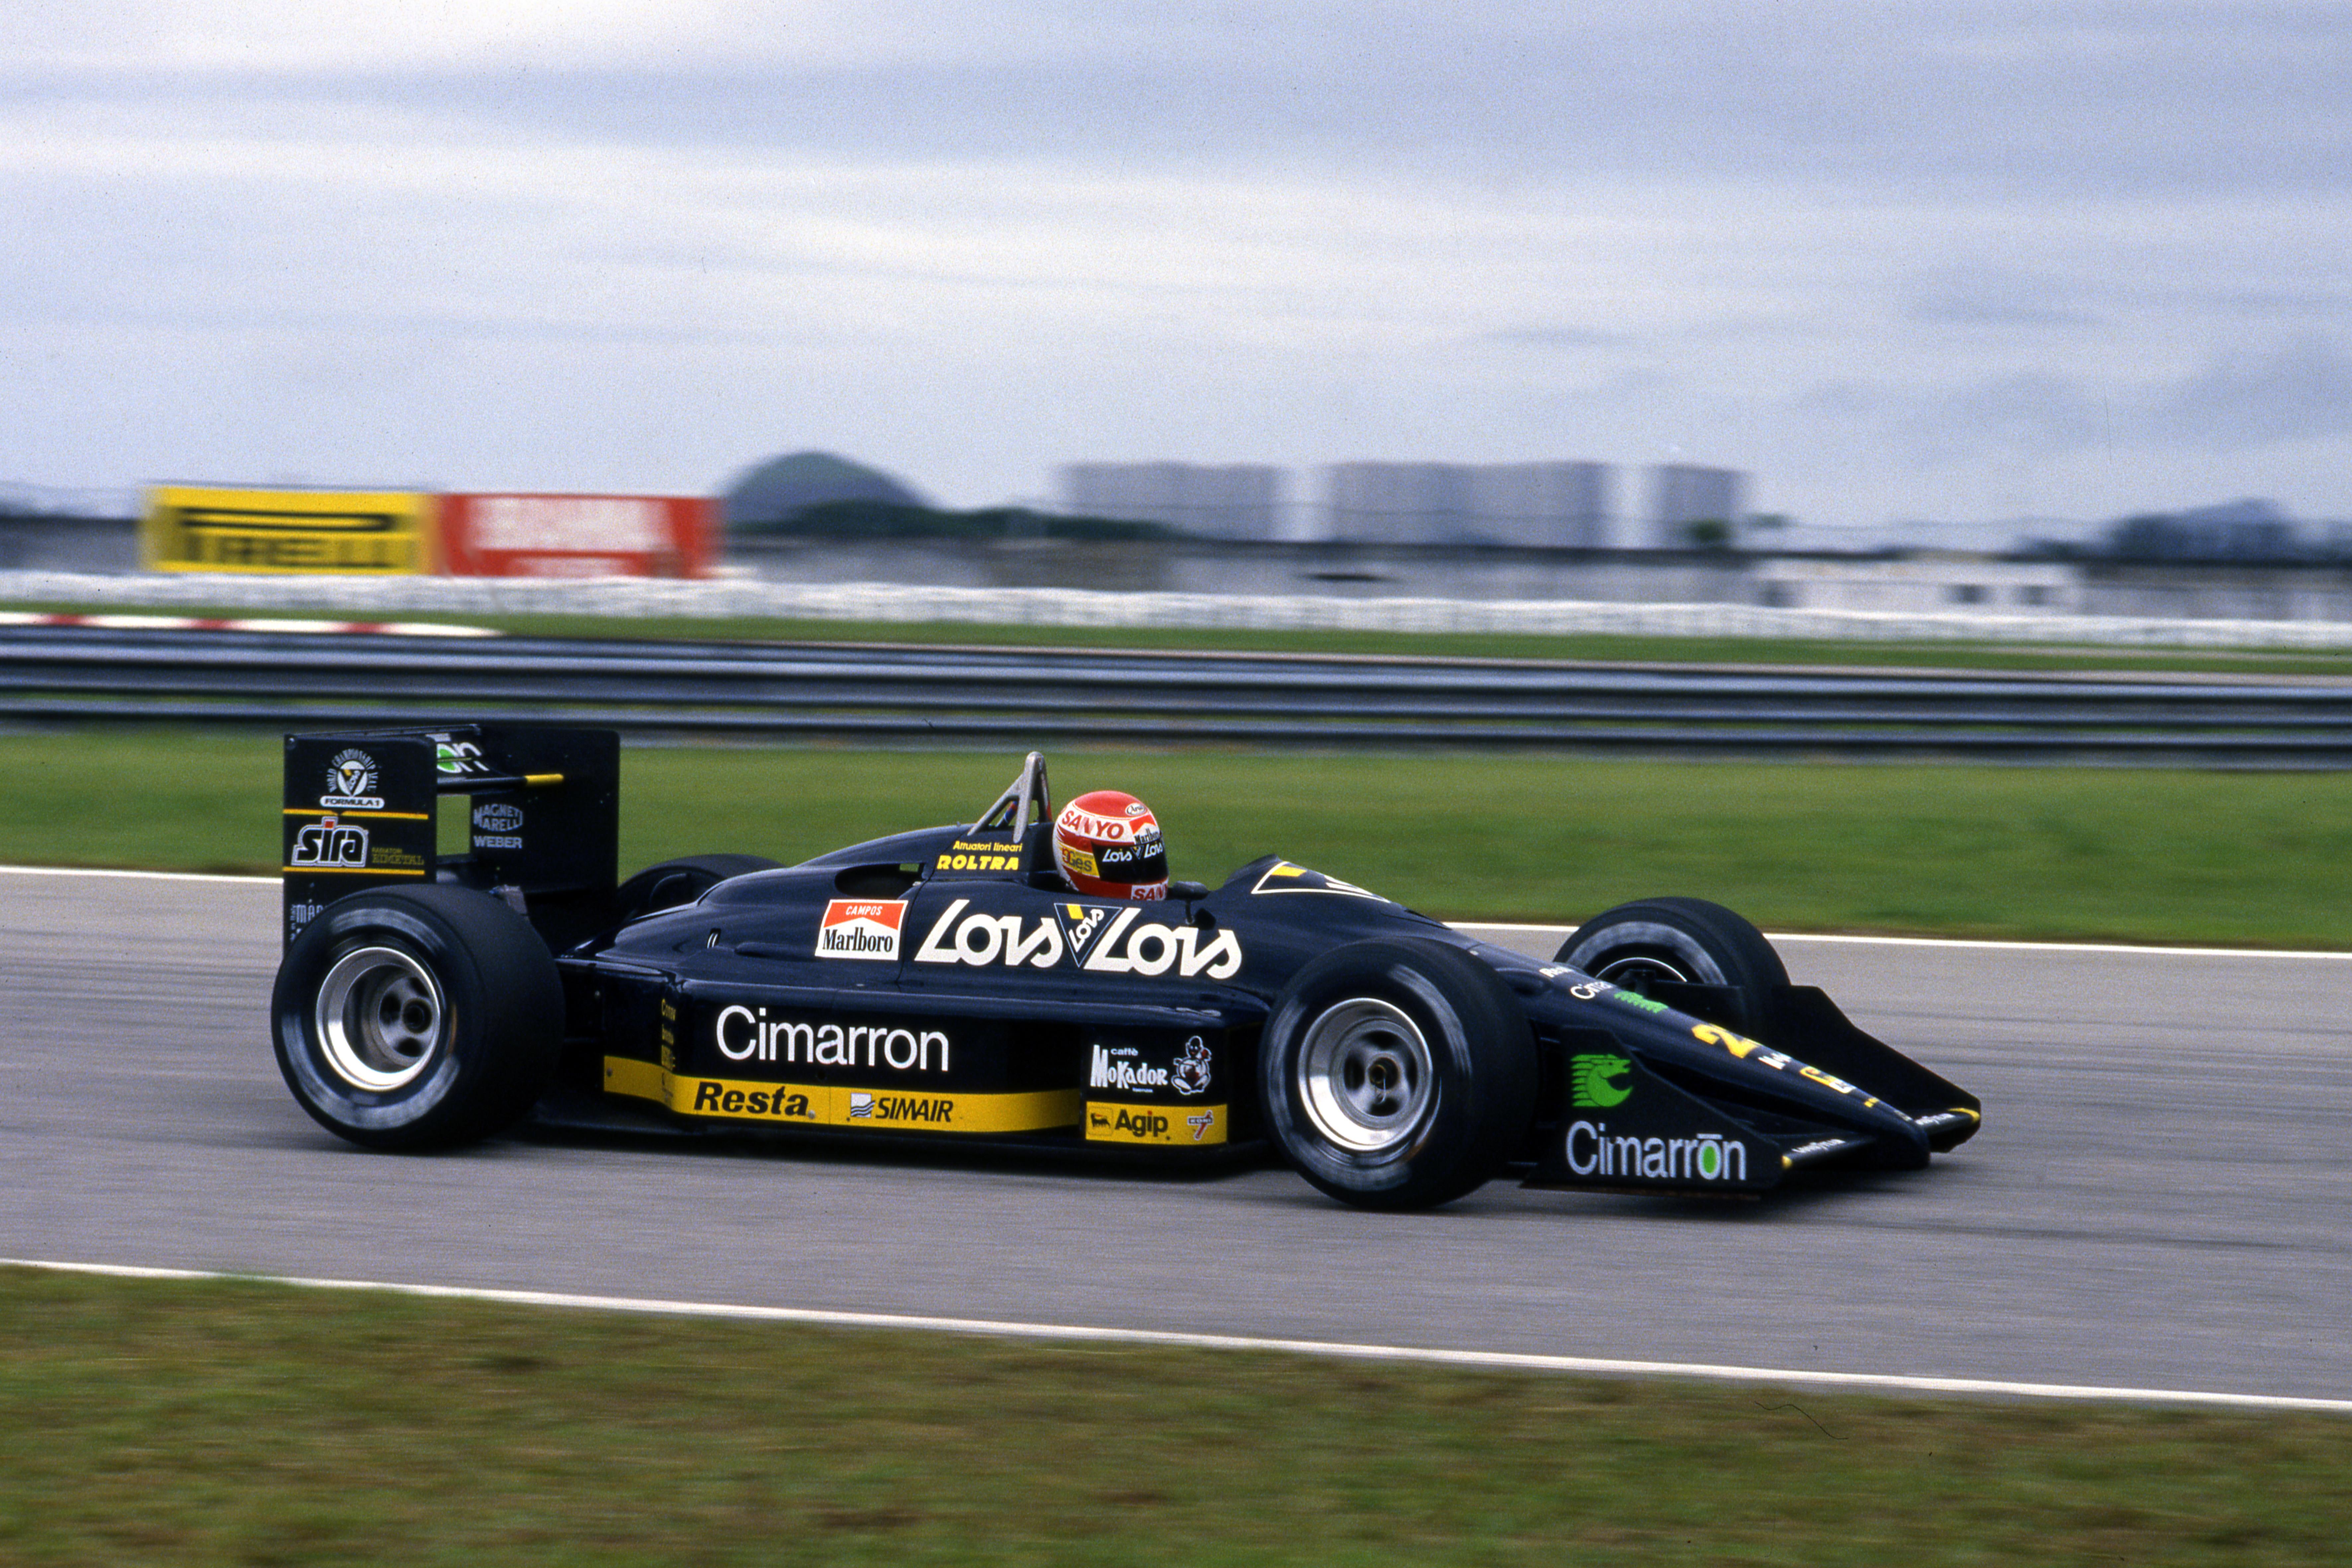 Brazilian Grand Prix Jacarepagua (bra) 01 03 04 1988